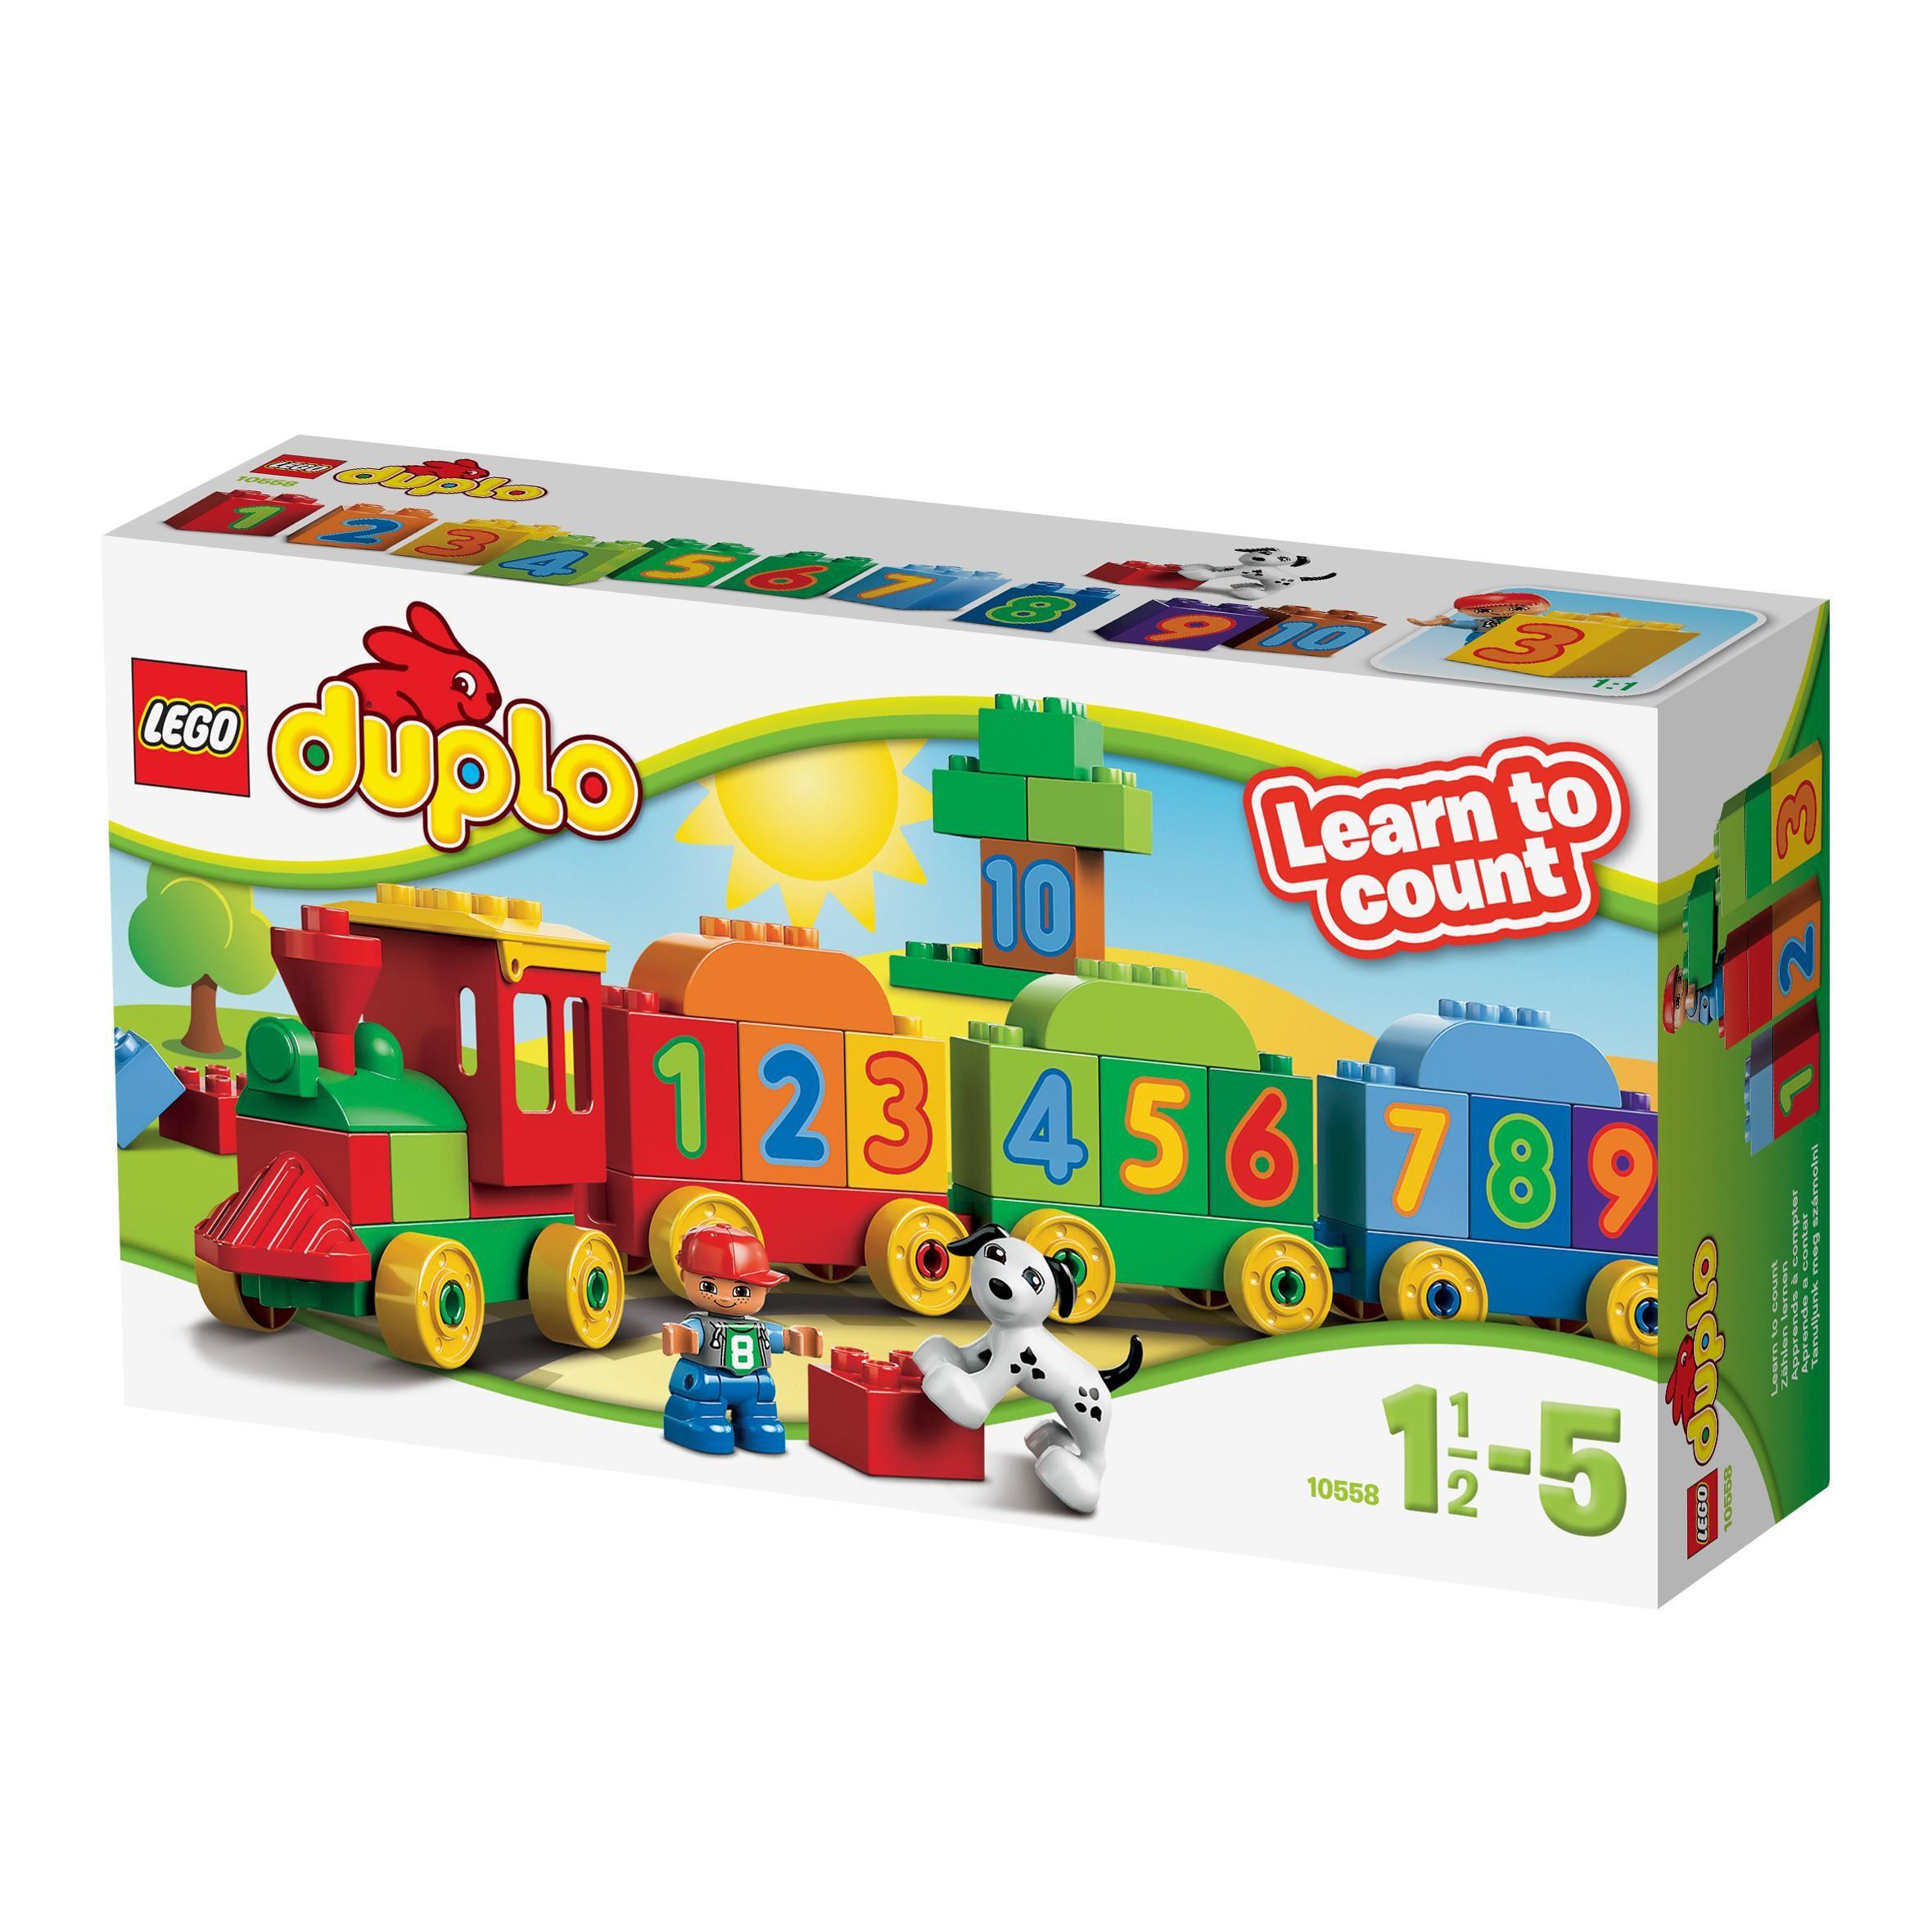 Lego Duplo 10558 Number Train Lego Amazoncouk Toys Games